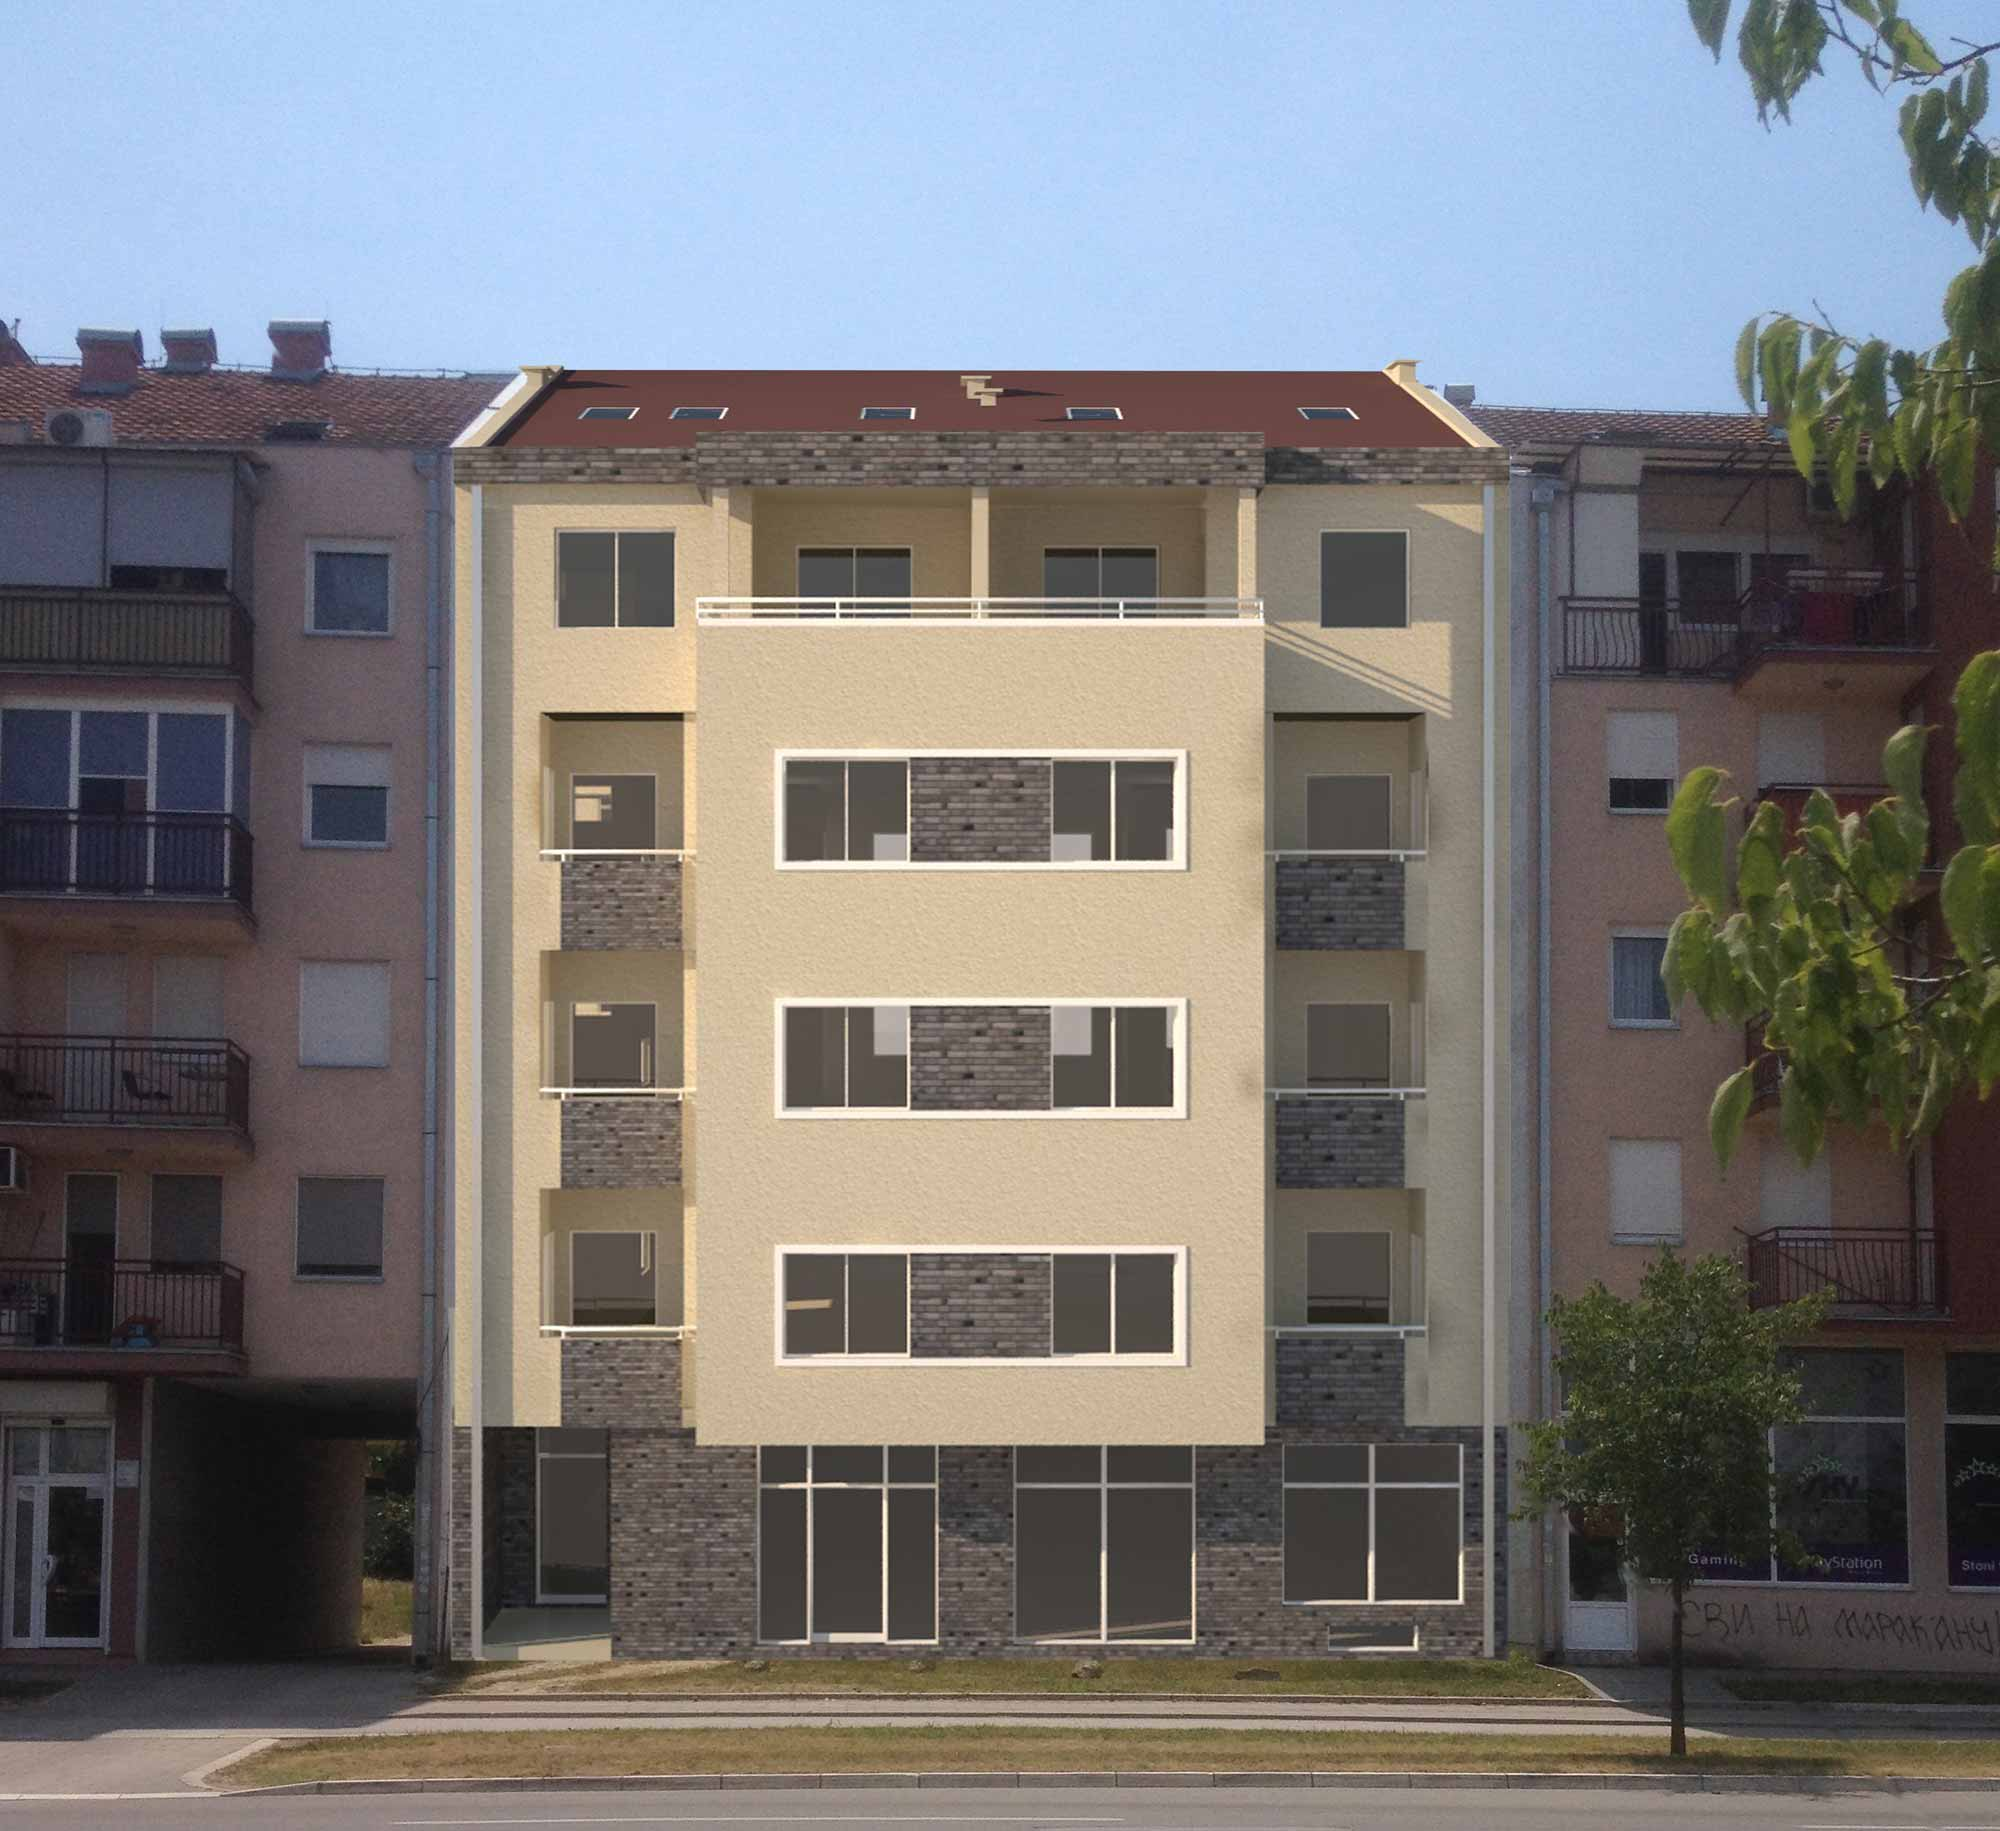 Milenković gradnja | Izgradnja stambeno-poslovnih objekata novi sad nekretnine